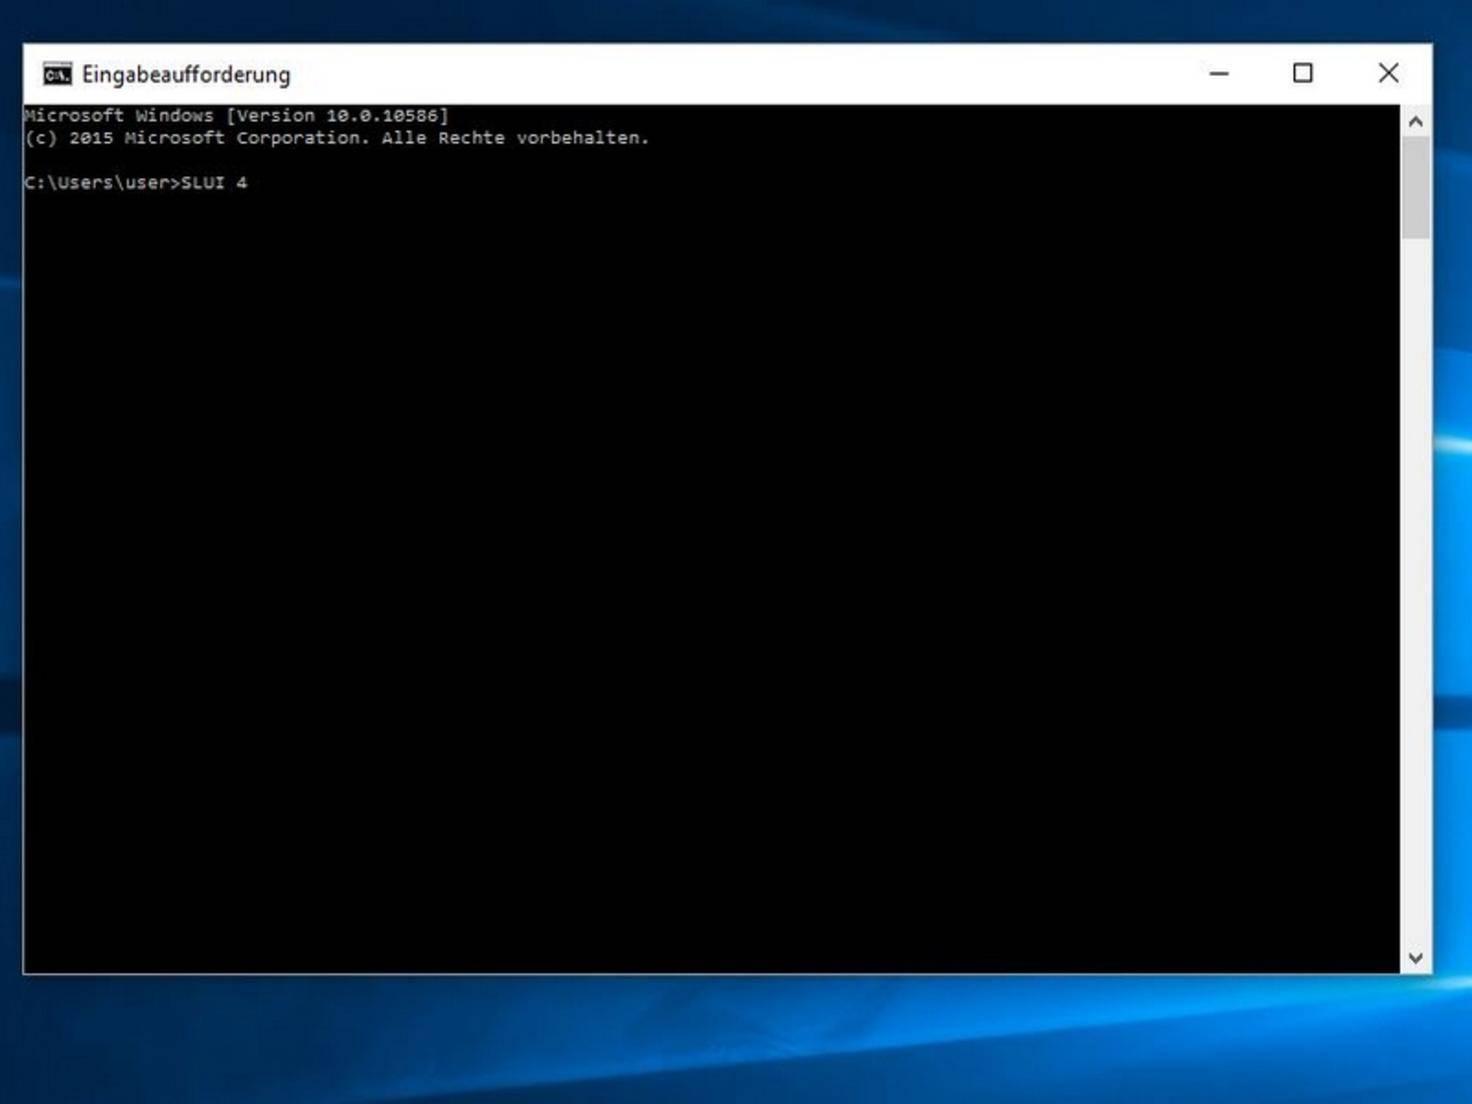 Eingabeaufforderung_Windows10